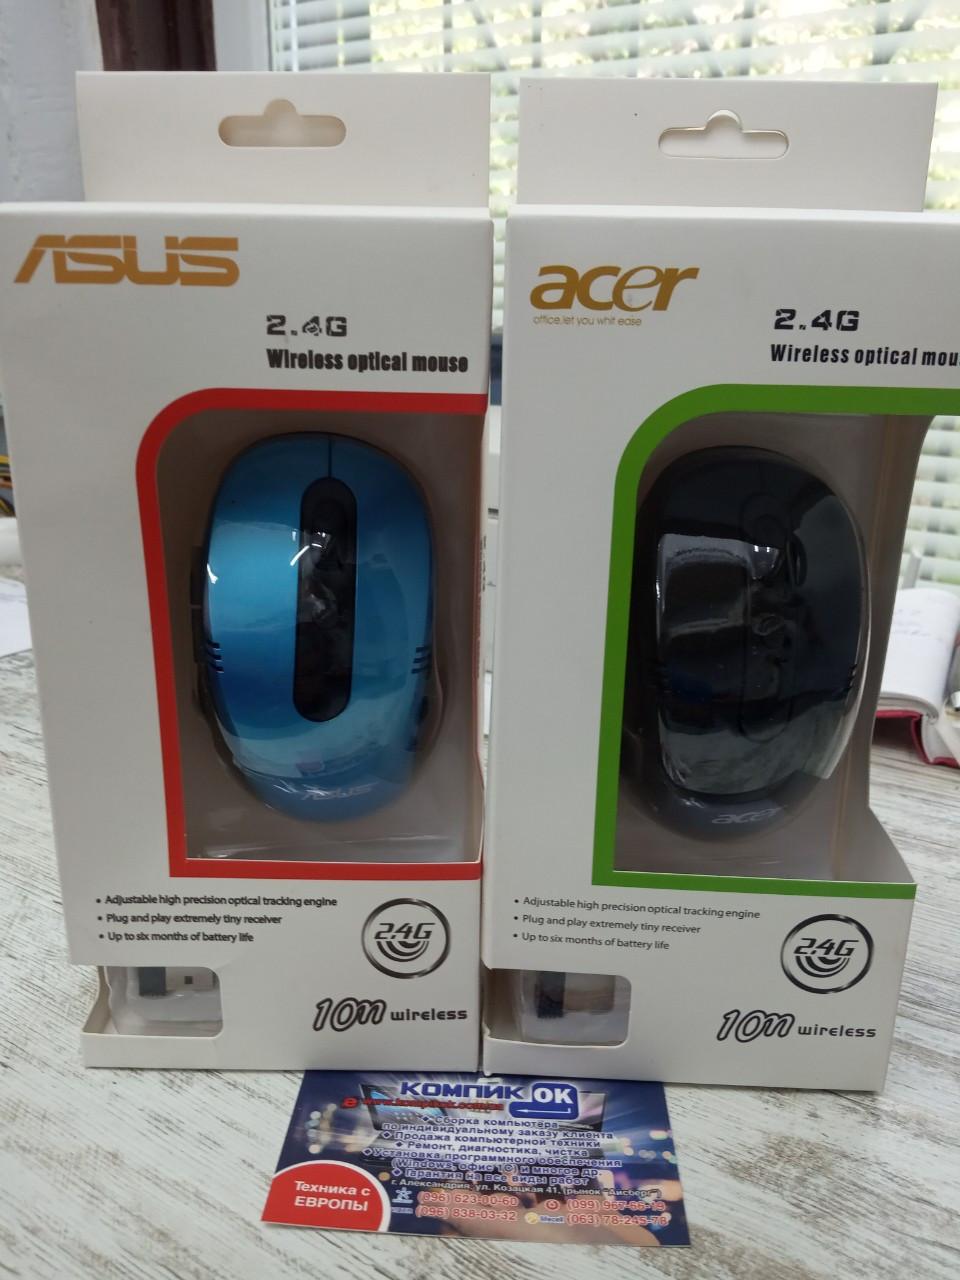 Мышь, Acer, Asus, беспроводная, 2,4Ghz